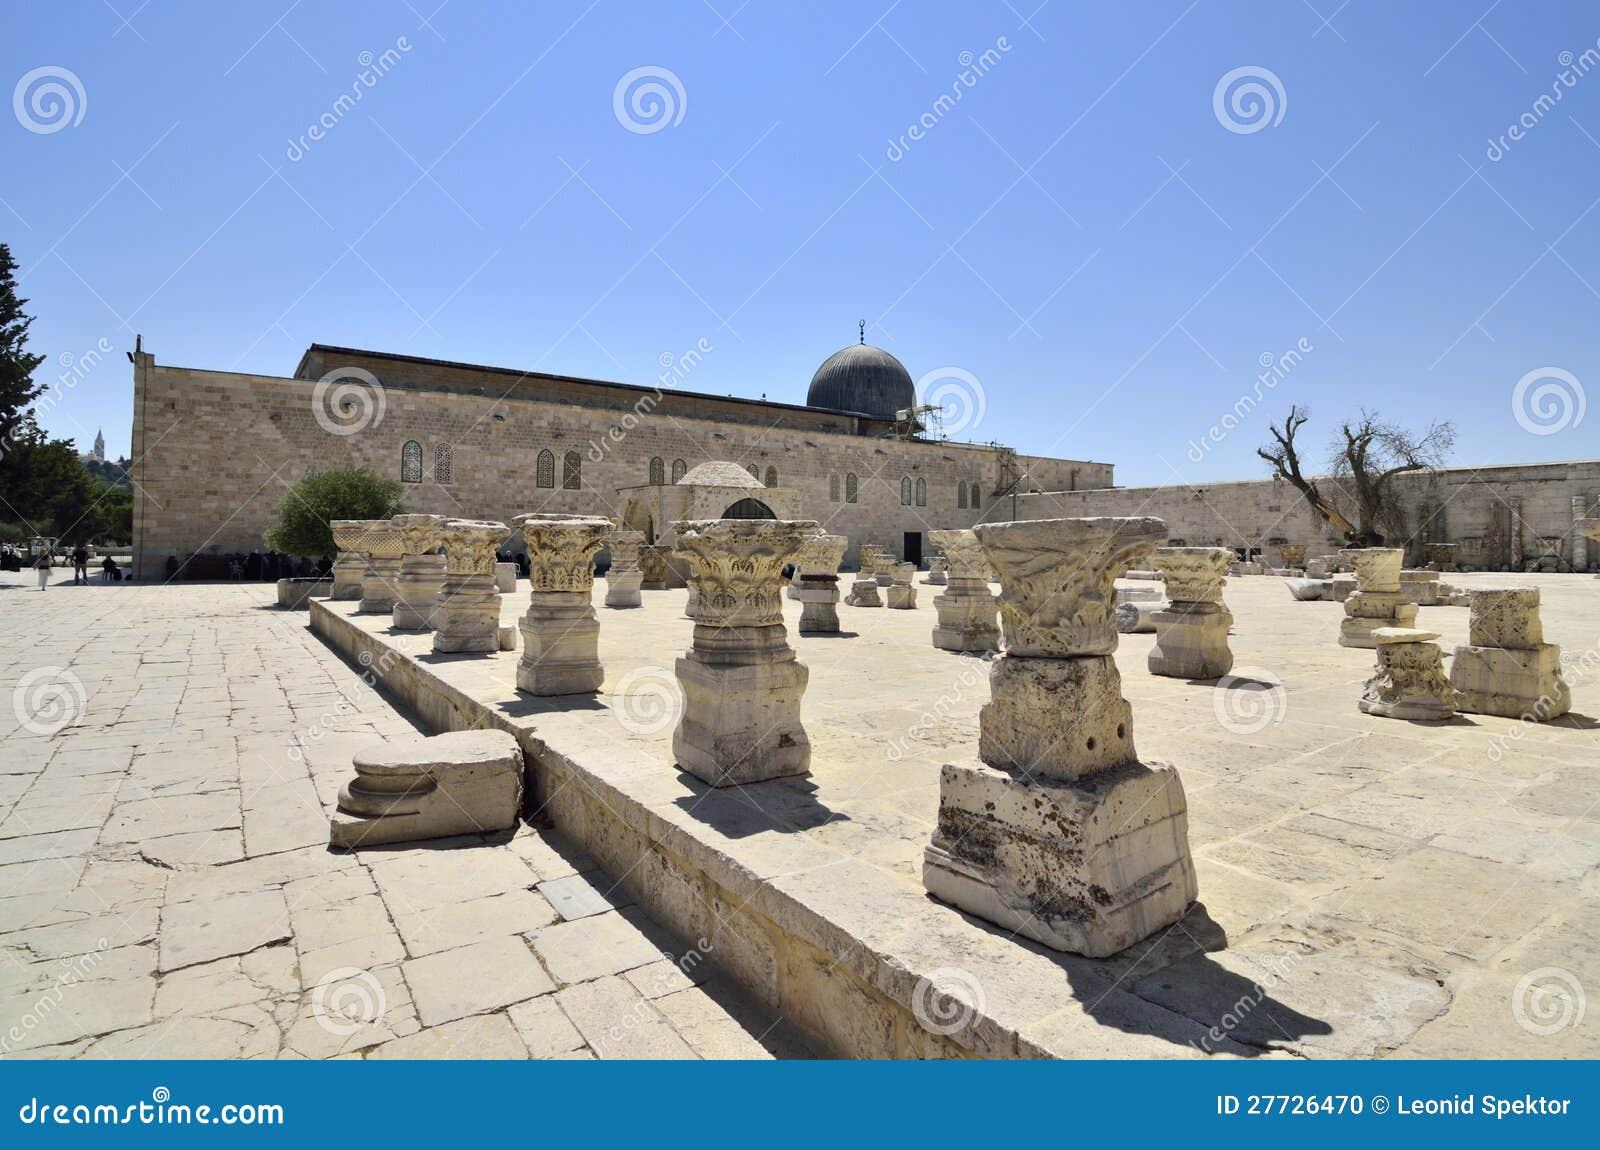 Auf Tempel-Montierung in Jerusalem.